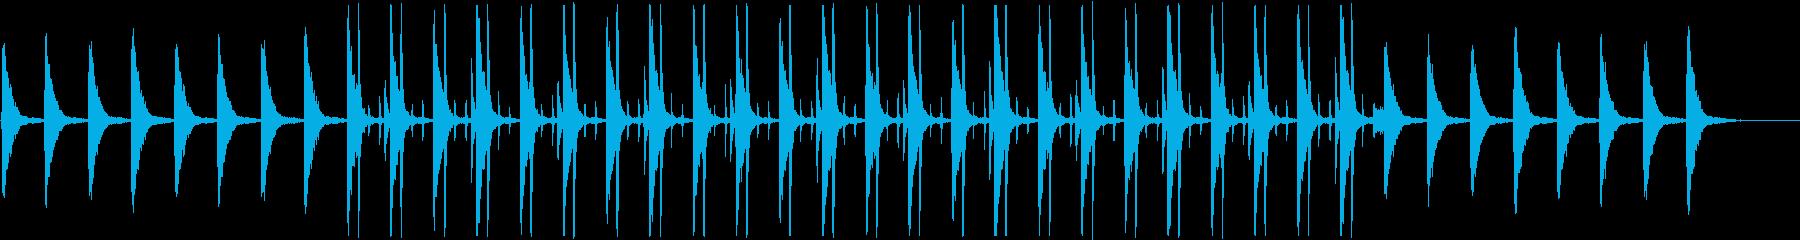 シンプルで切ない雰囲気のピアノとドラムの再生済みの波形